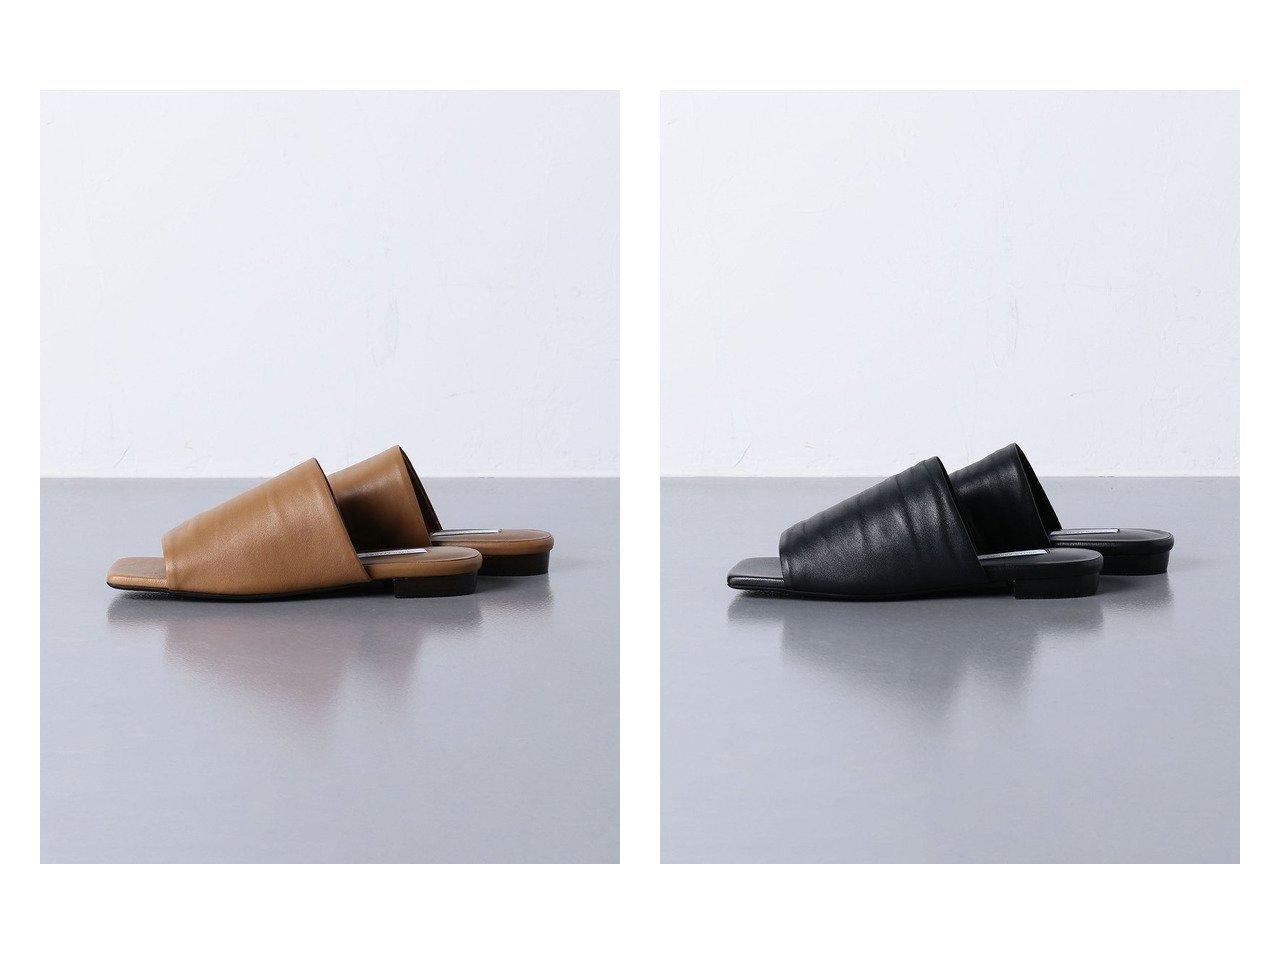 【UNITED ARROWS/ユナイテッドアローズ】のUWCMD スクエア ミュール フラット サンダル 【シューズ・靴】おすすめ!人気トレンド・レディースファッション通販 おすすめで人気の流行・トレンド、ファッションの通販商品 インテリア・家具・メンズファッション・キッズファッション・レディースファッション・服の通販 founy(ファニー) https://founy.com/ ファッション Fashion レディースファッション WOMEN サンダル シューズ スクエア フラット ミュール |ID:crp329100000051529